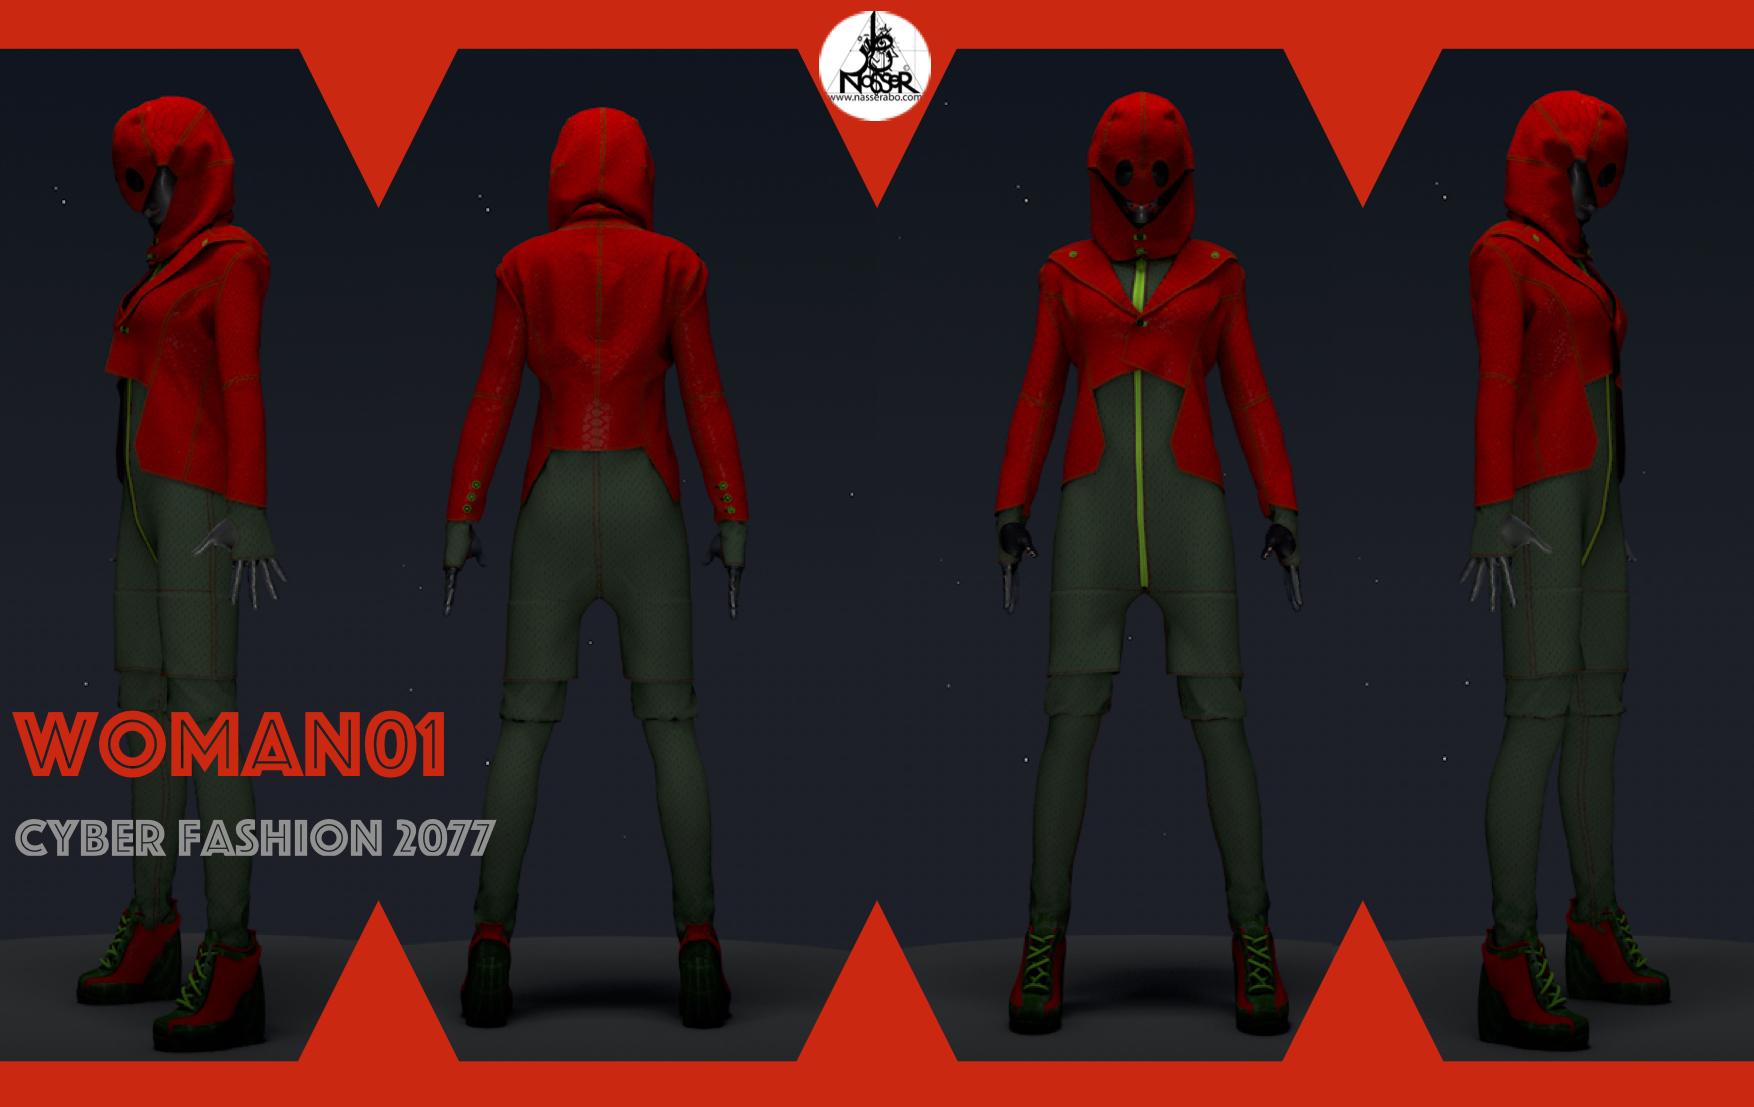 Cyber Fashion 2077